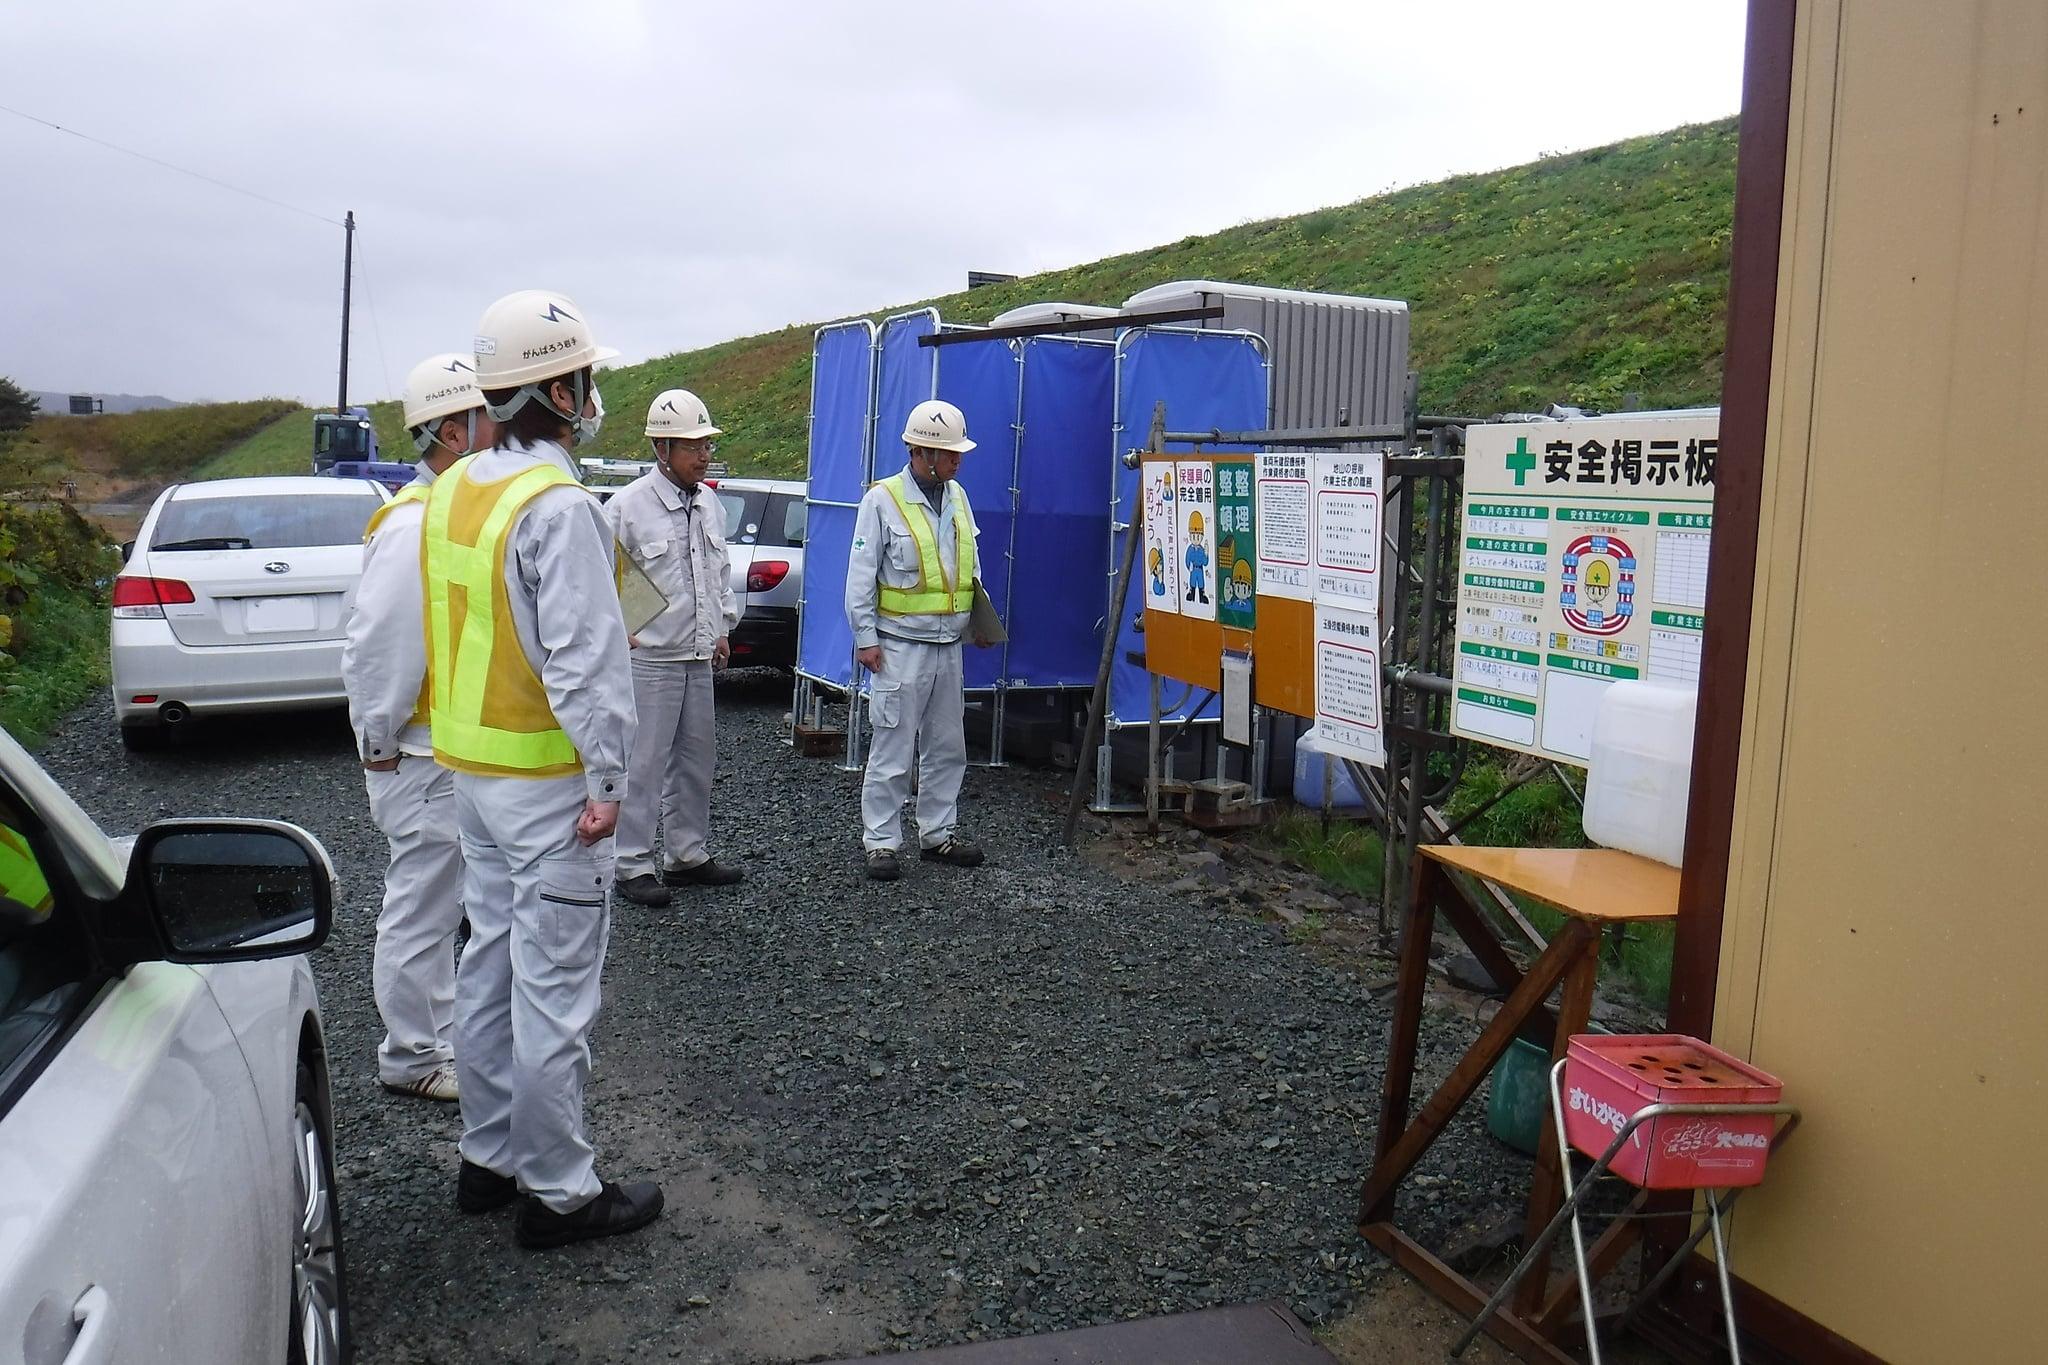 道の駅平泉地下タンク設備設置工事 現場事務所確認